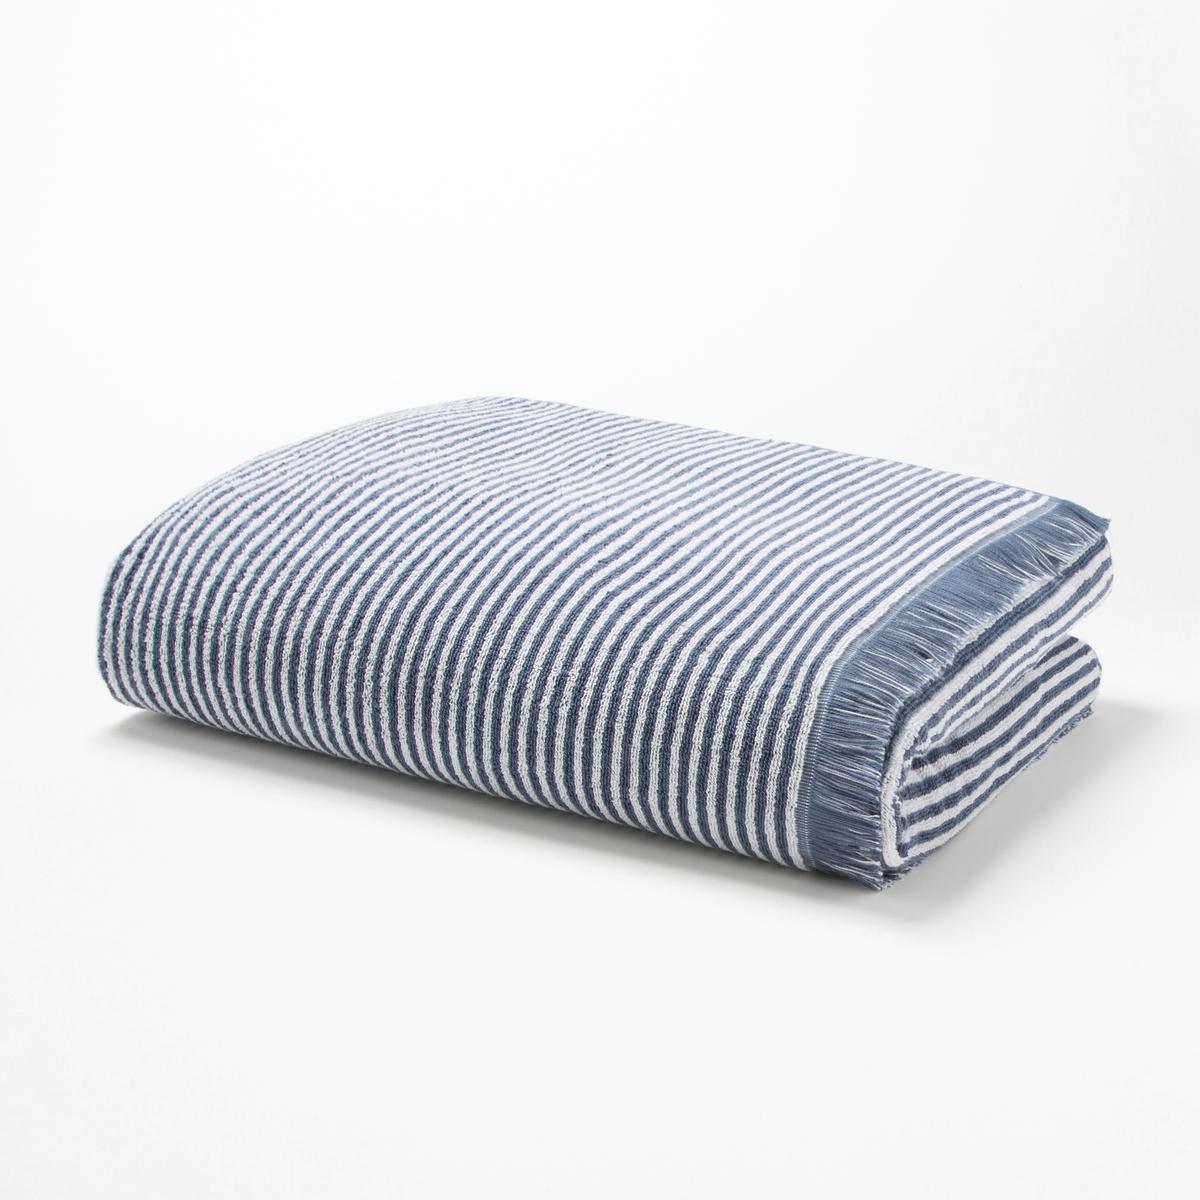 Полотенце банное в полоску, 500 г/м?Описание махрового полотенца в полоску, 500 г/м?:Рисунок в полоску, 100% хлопка (500 г/м?). Восхитительная мягкость и прочность. Прекрасно сохраняет цвет при стирке при 60°.Машинная сушка.Размер полотенца махрового в полоску 500 г/м?:70 x 140 см.<br><br>Цвет: Серо-синий